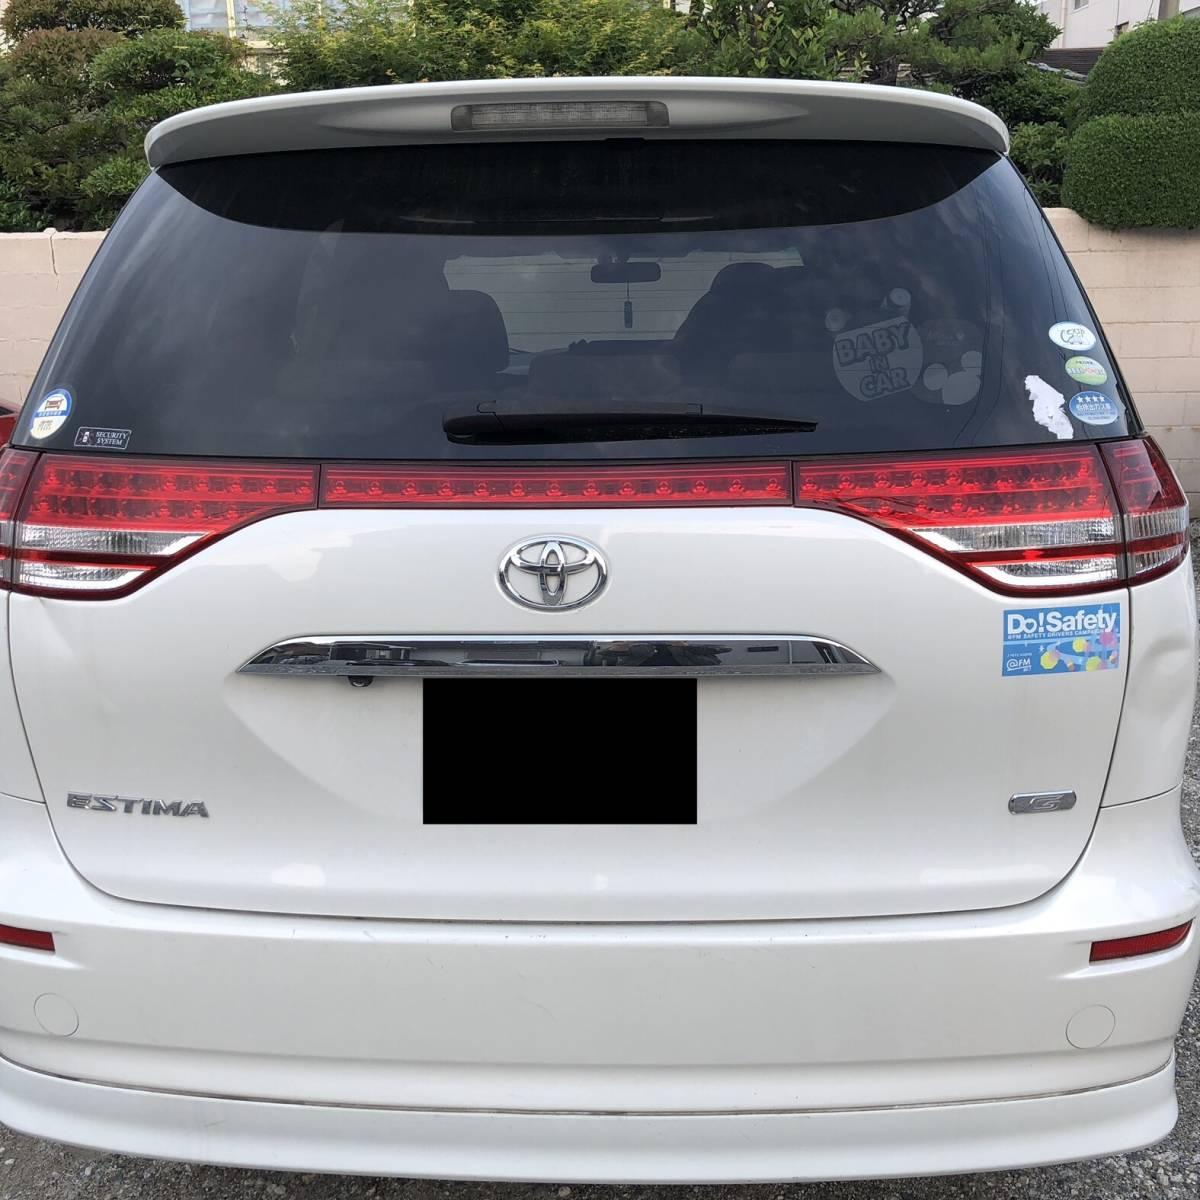 エスティマ グレードG ホワイト 車検ほぼ2年付き 両側パワースライドドア_画像4